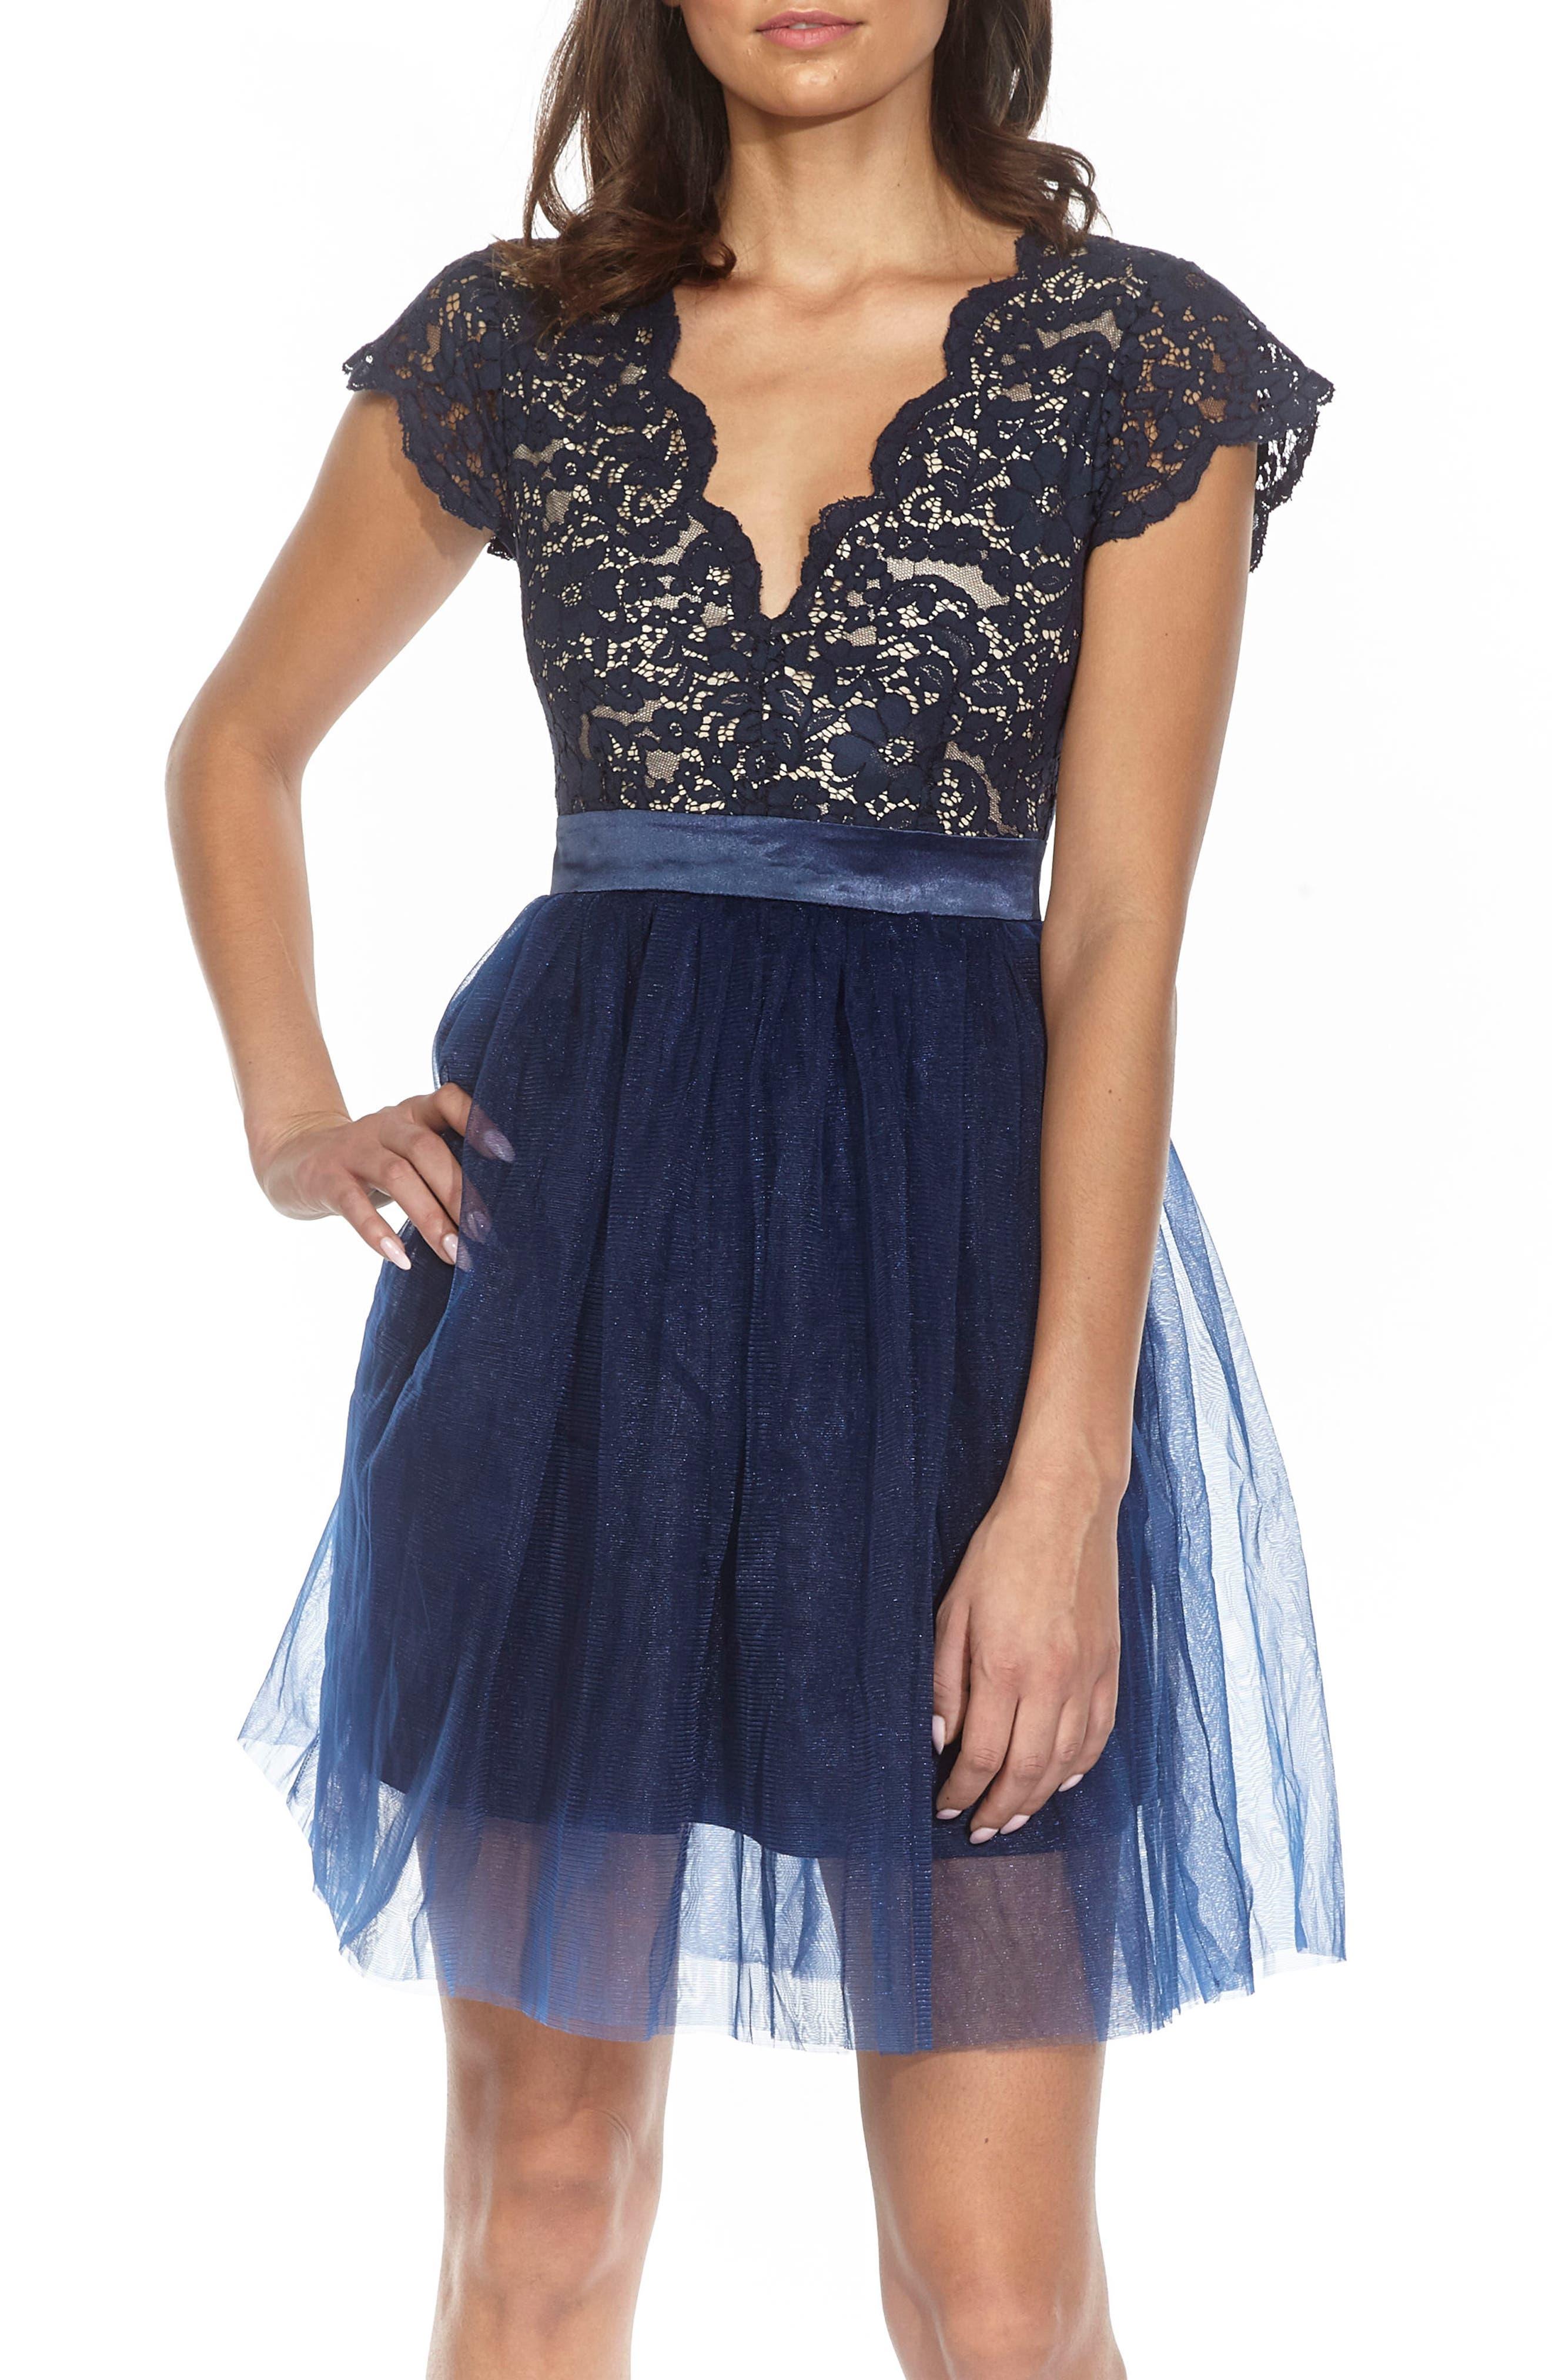 Macen Scalloped Lace Skater Dress,                             Main thumbnail 1, color,                             Navy